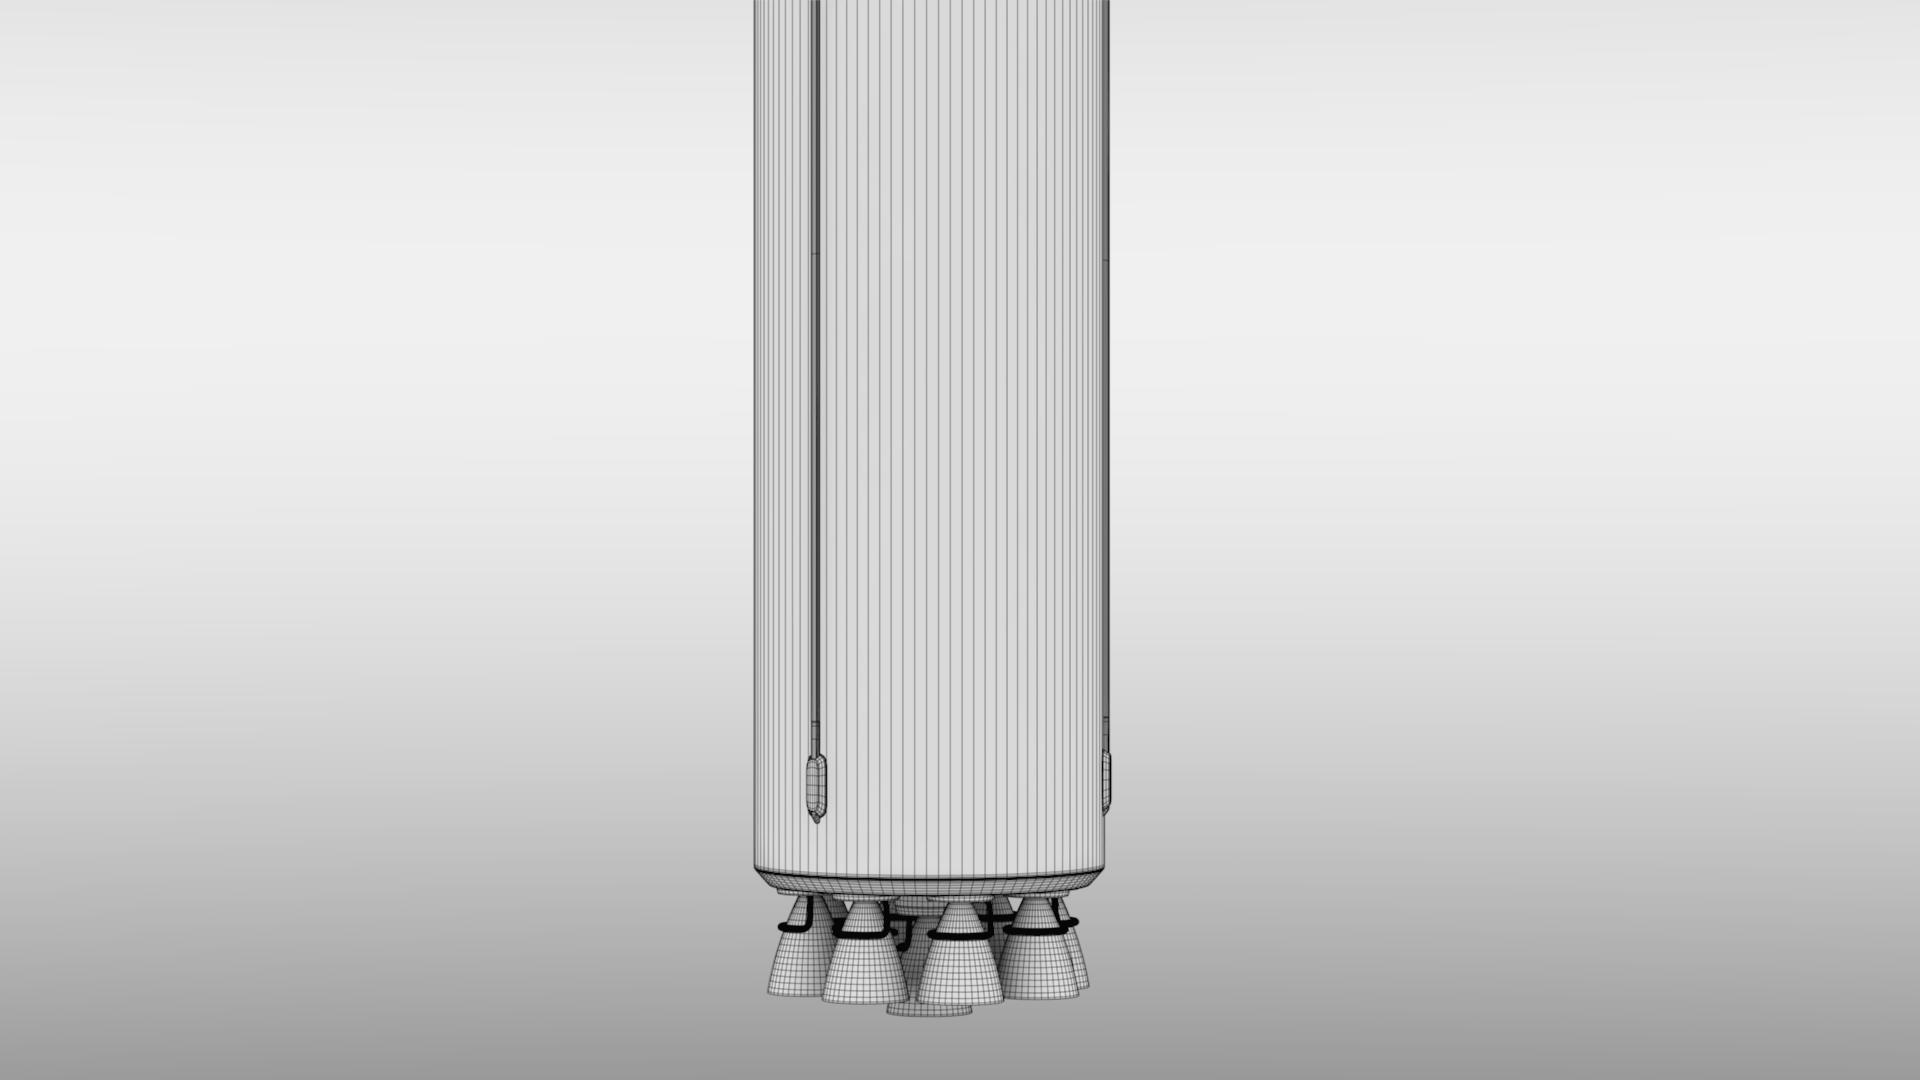 falcon 9 v1.2 non reusable 3d model max fbx c4d lwo ma mb hrc xsi obj 277799